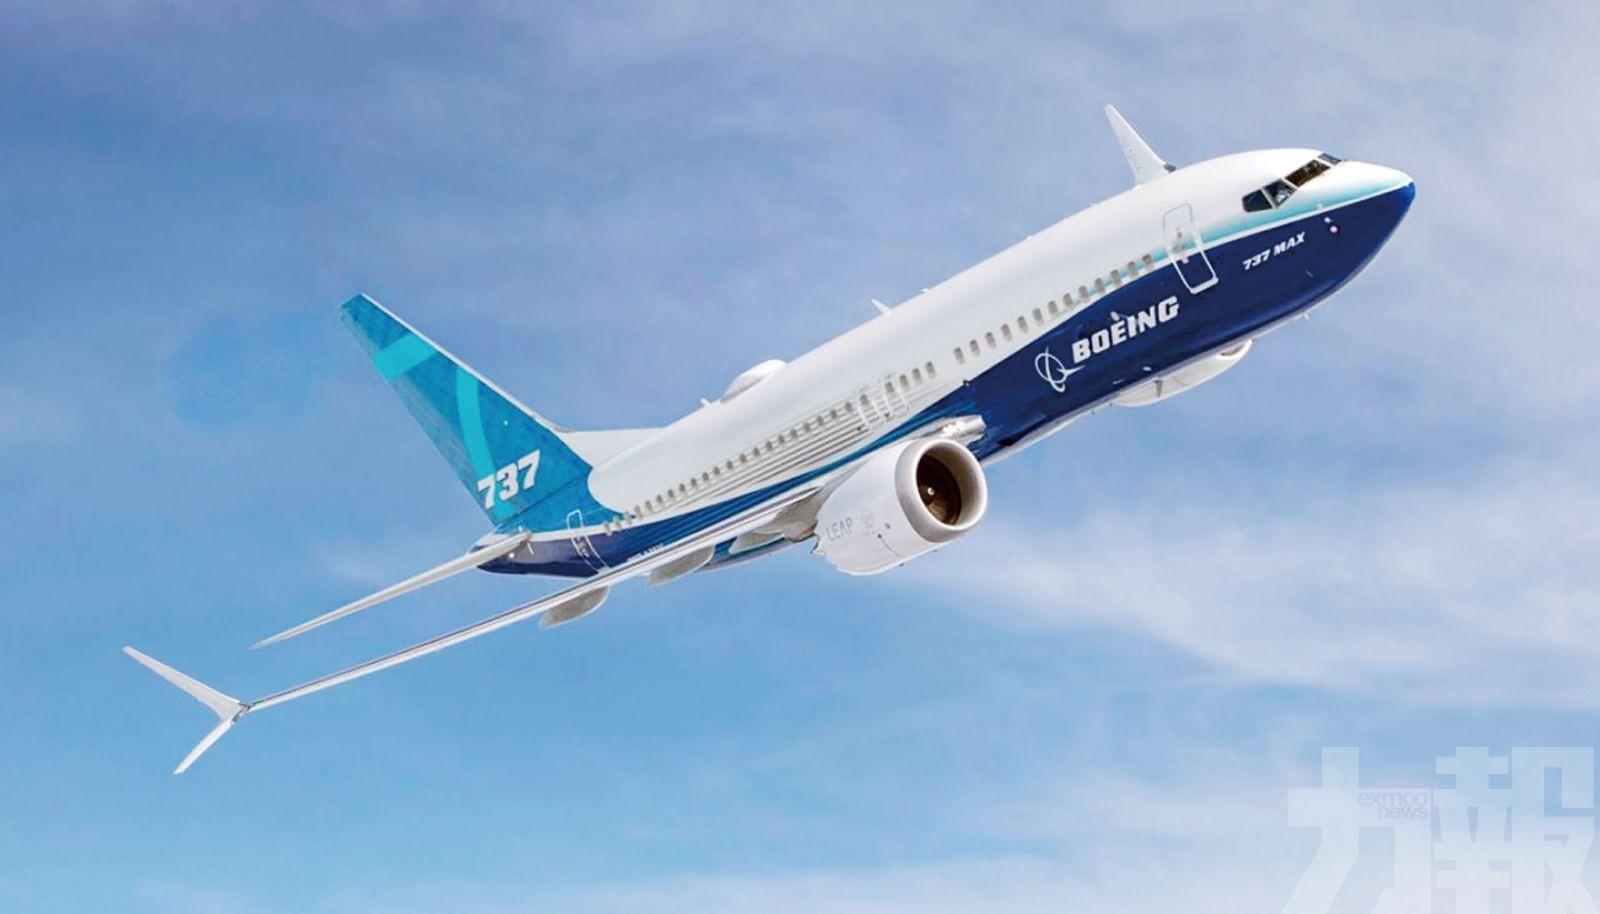 民航局暫停審批737 MAX航班申請